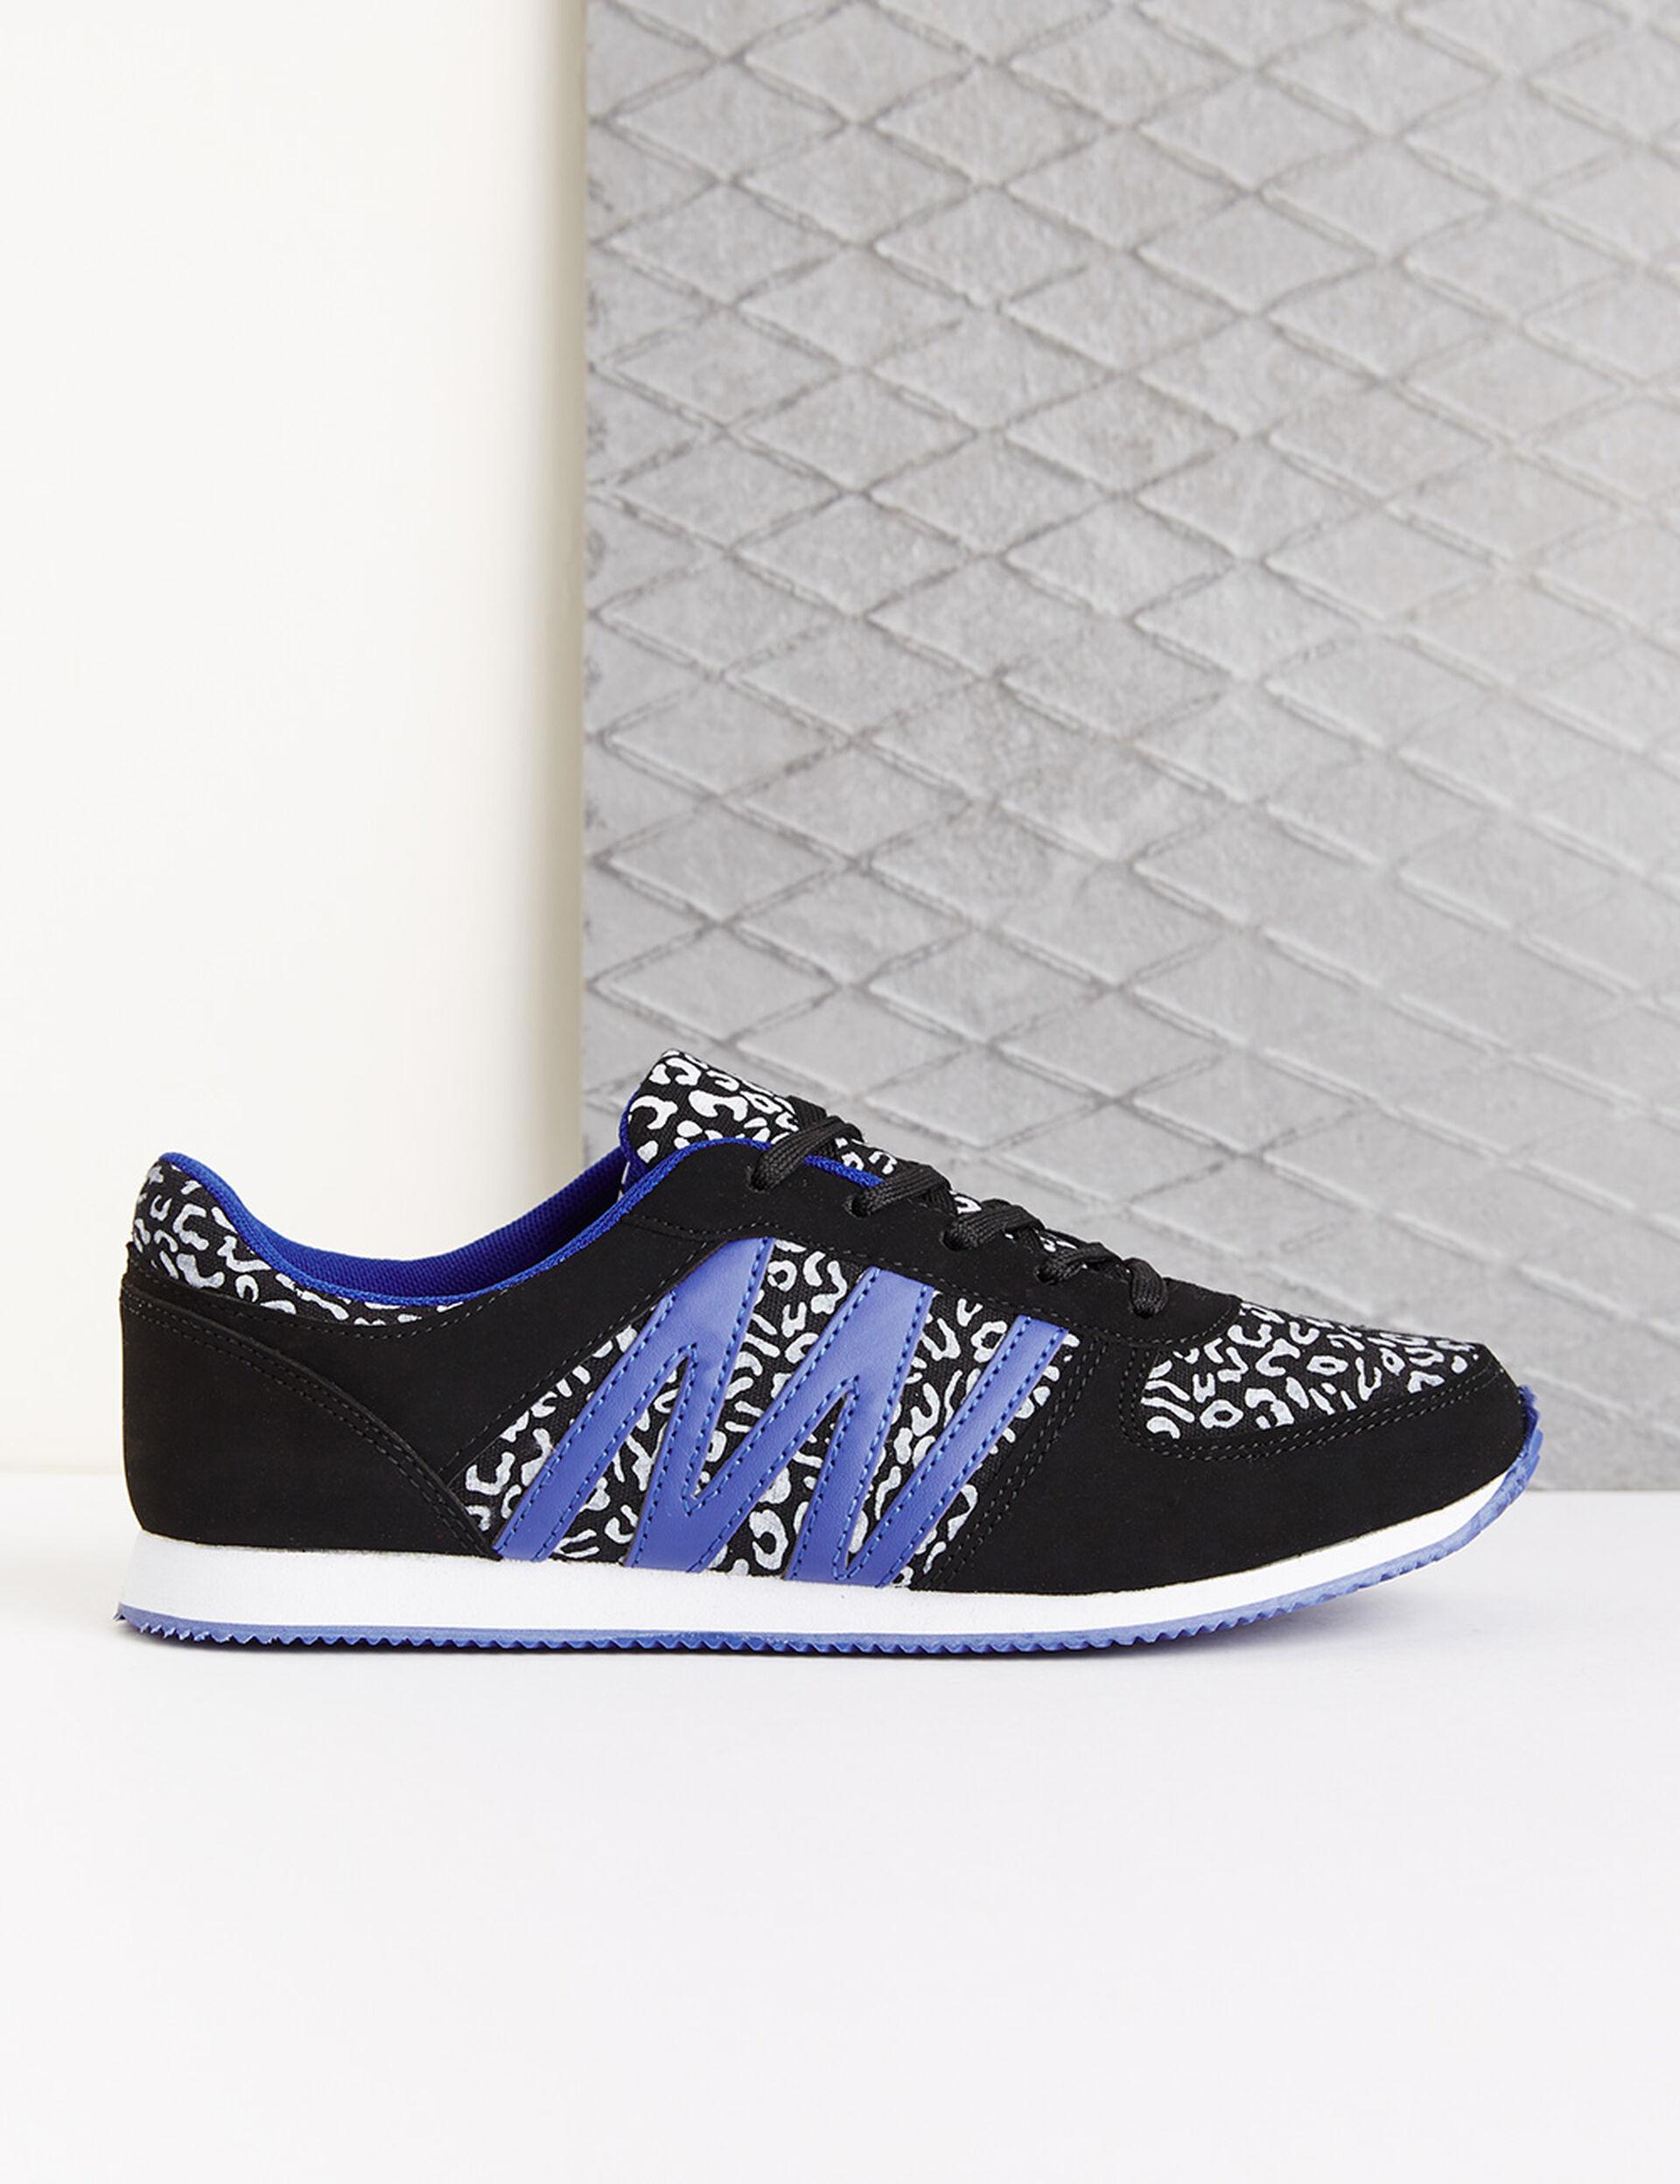 Baskets imprimé léopard noires et bleues